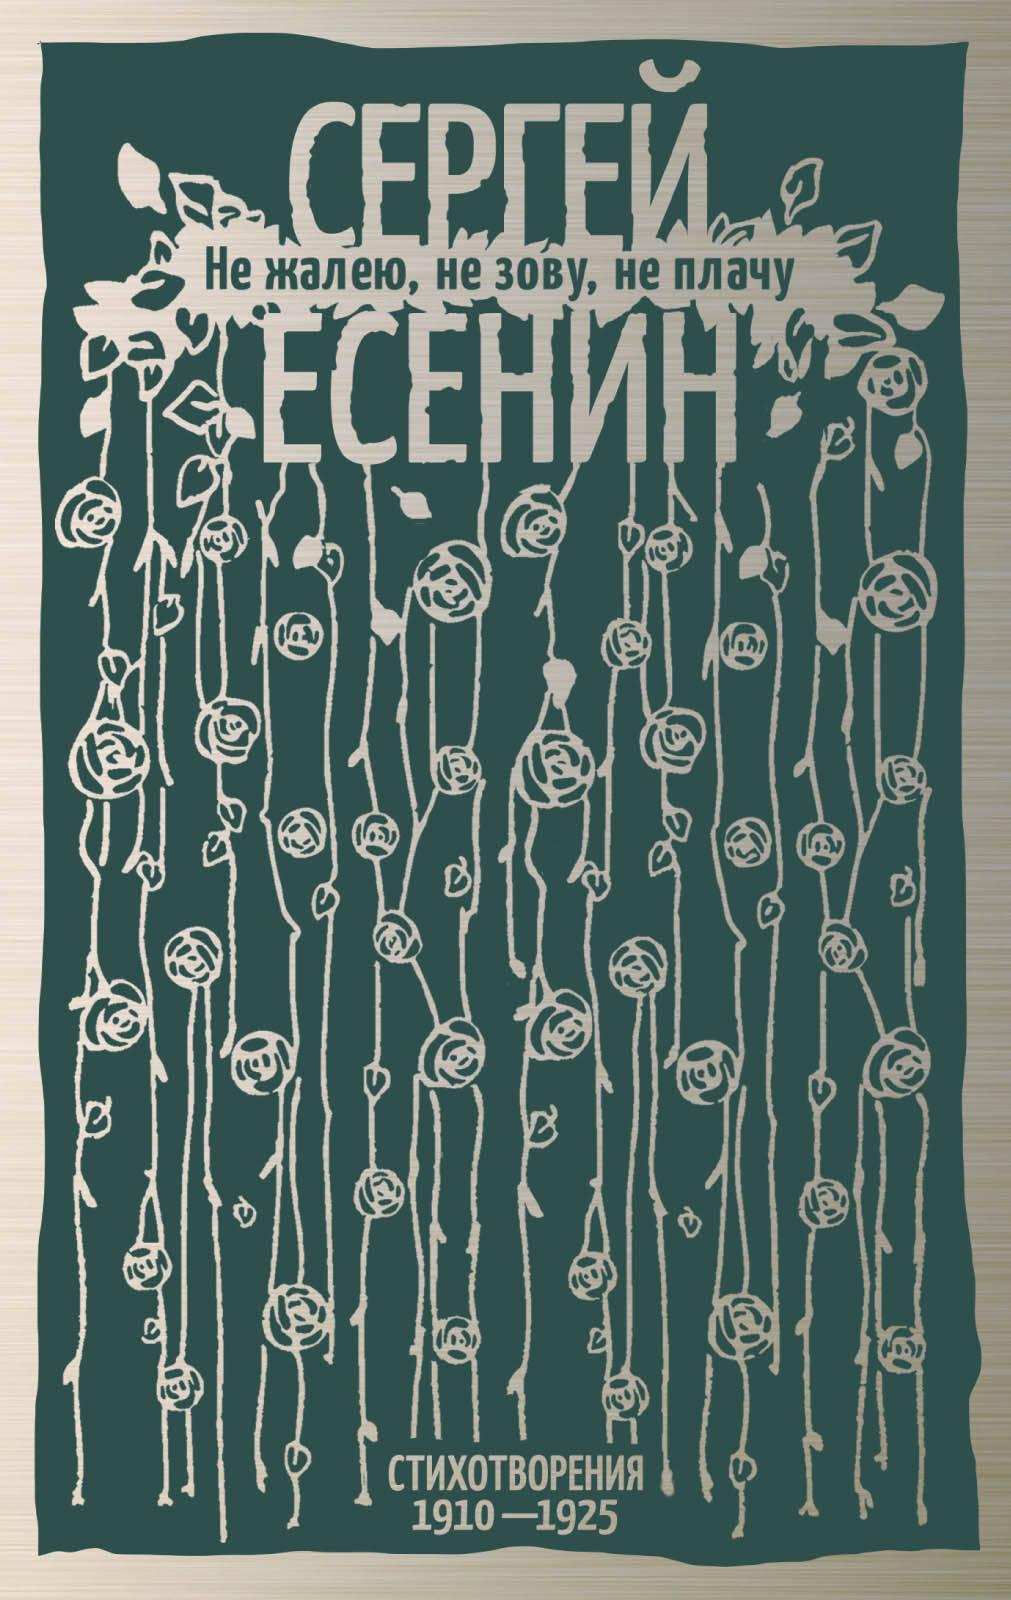 Не жалею, не зову, не плачу: Стихотворения 1910-1925